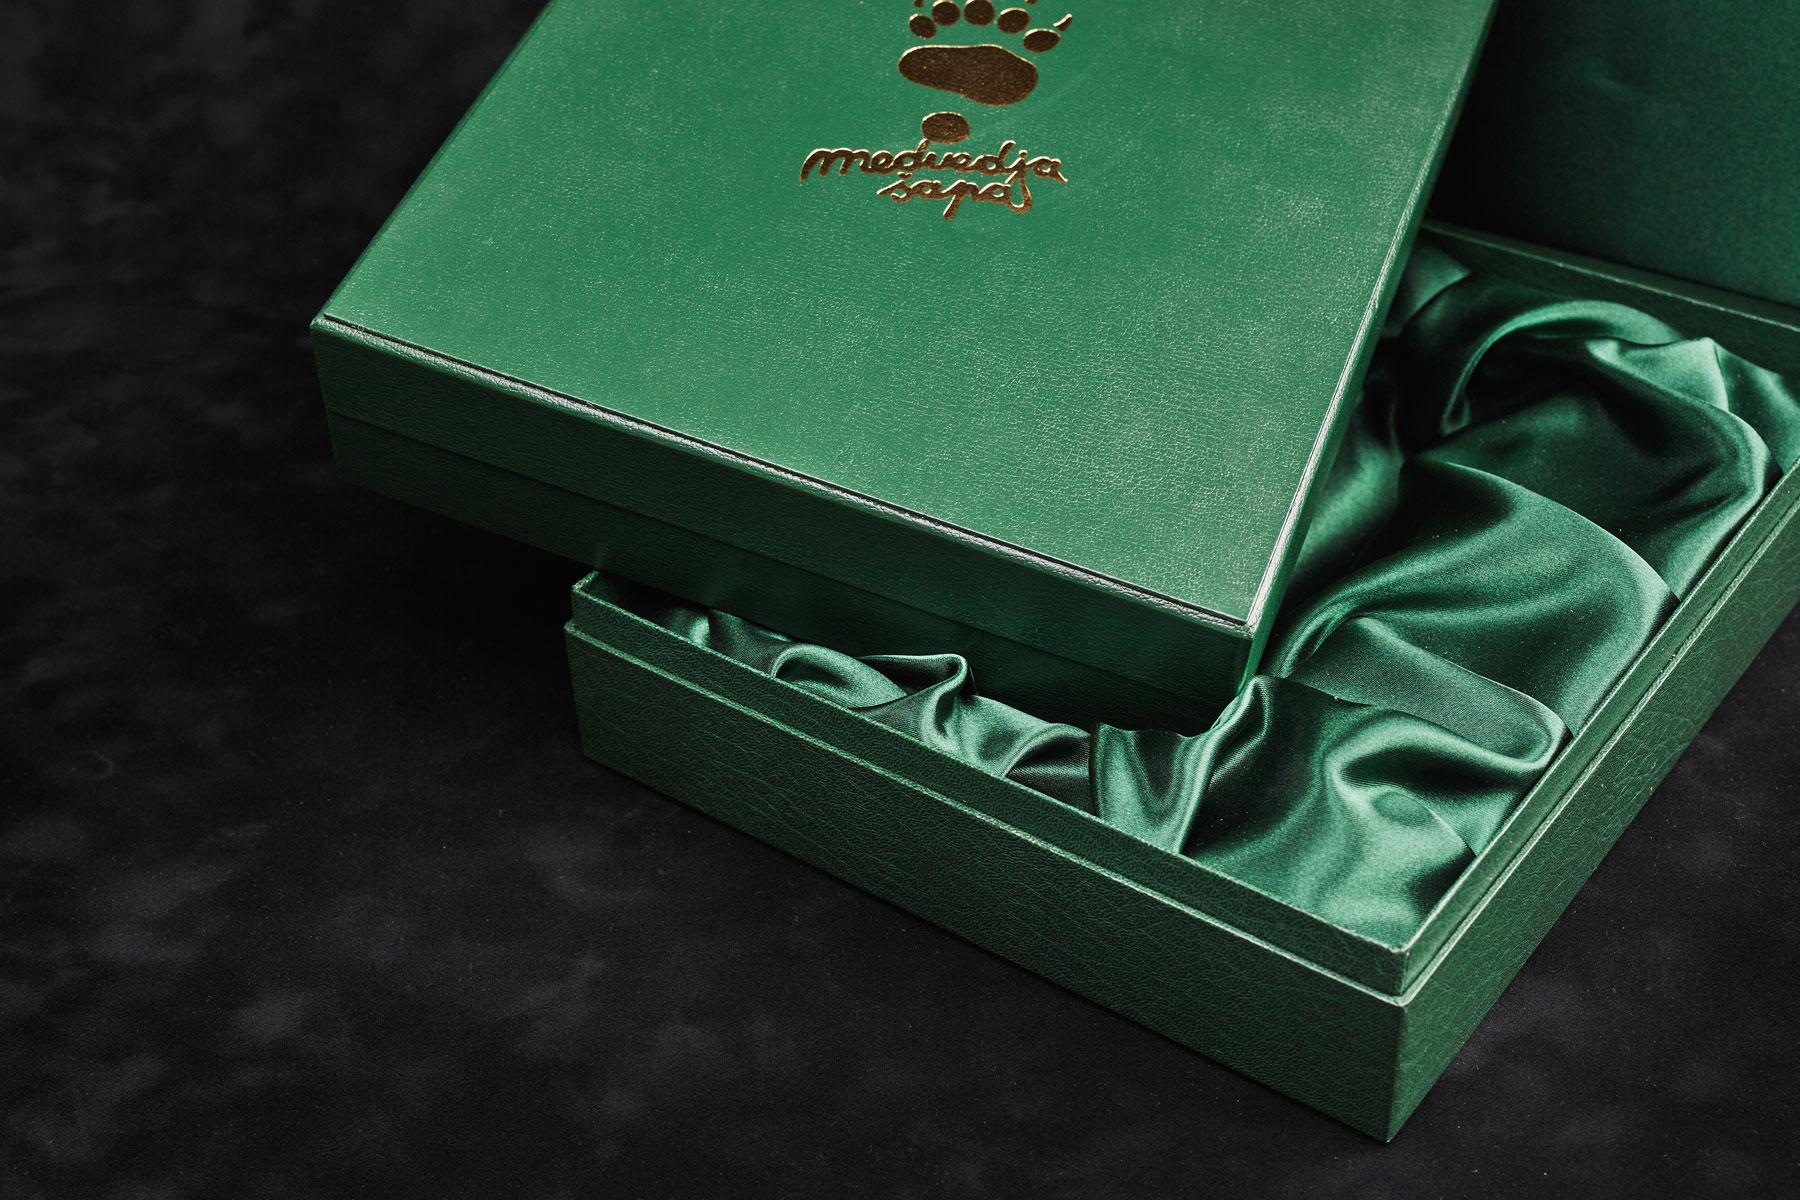 Škatla z integriranim blagom